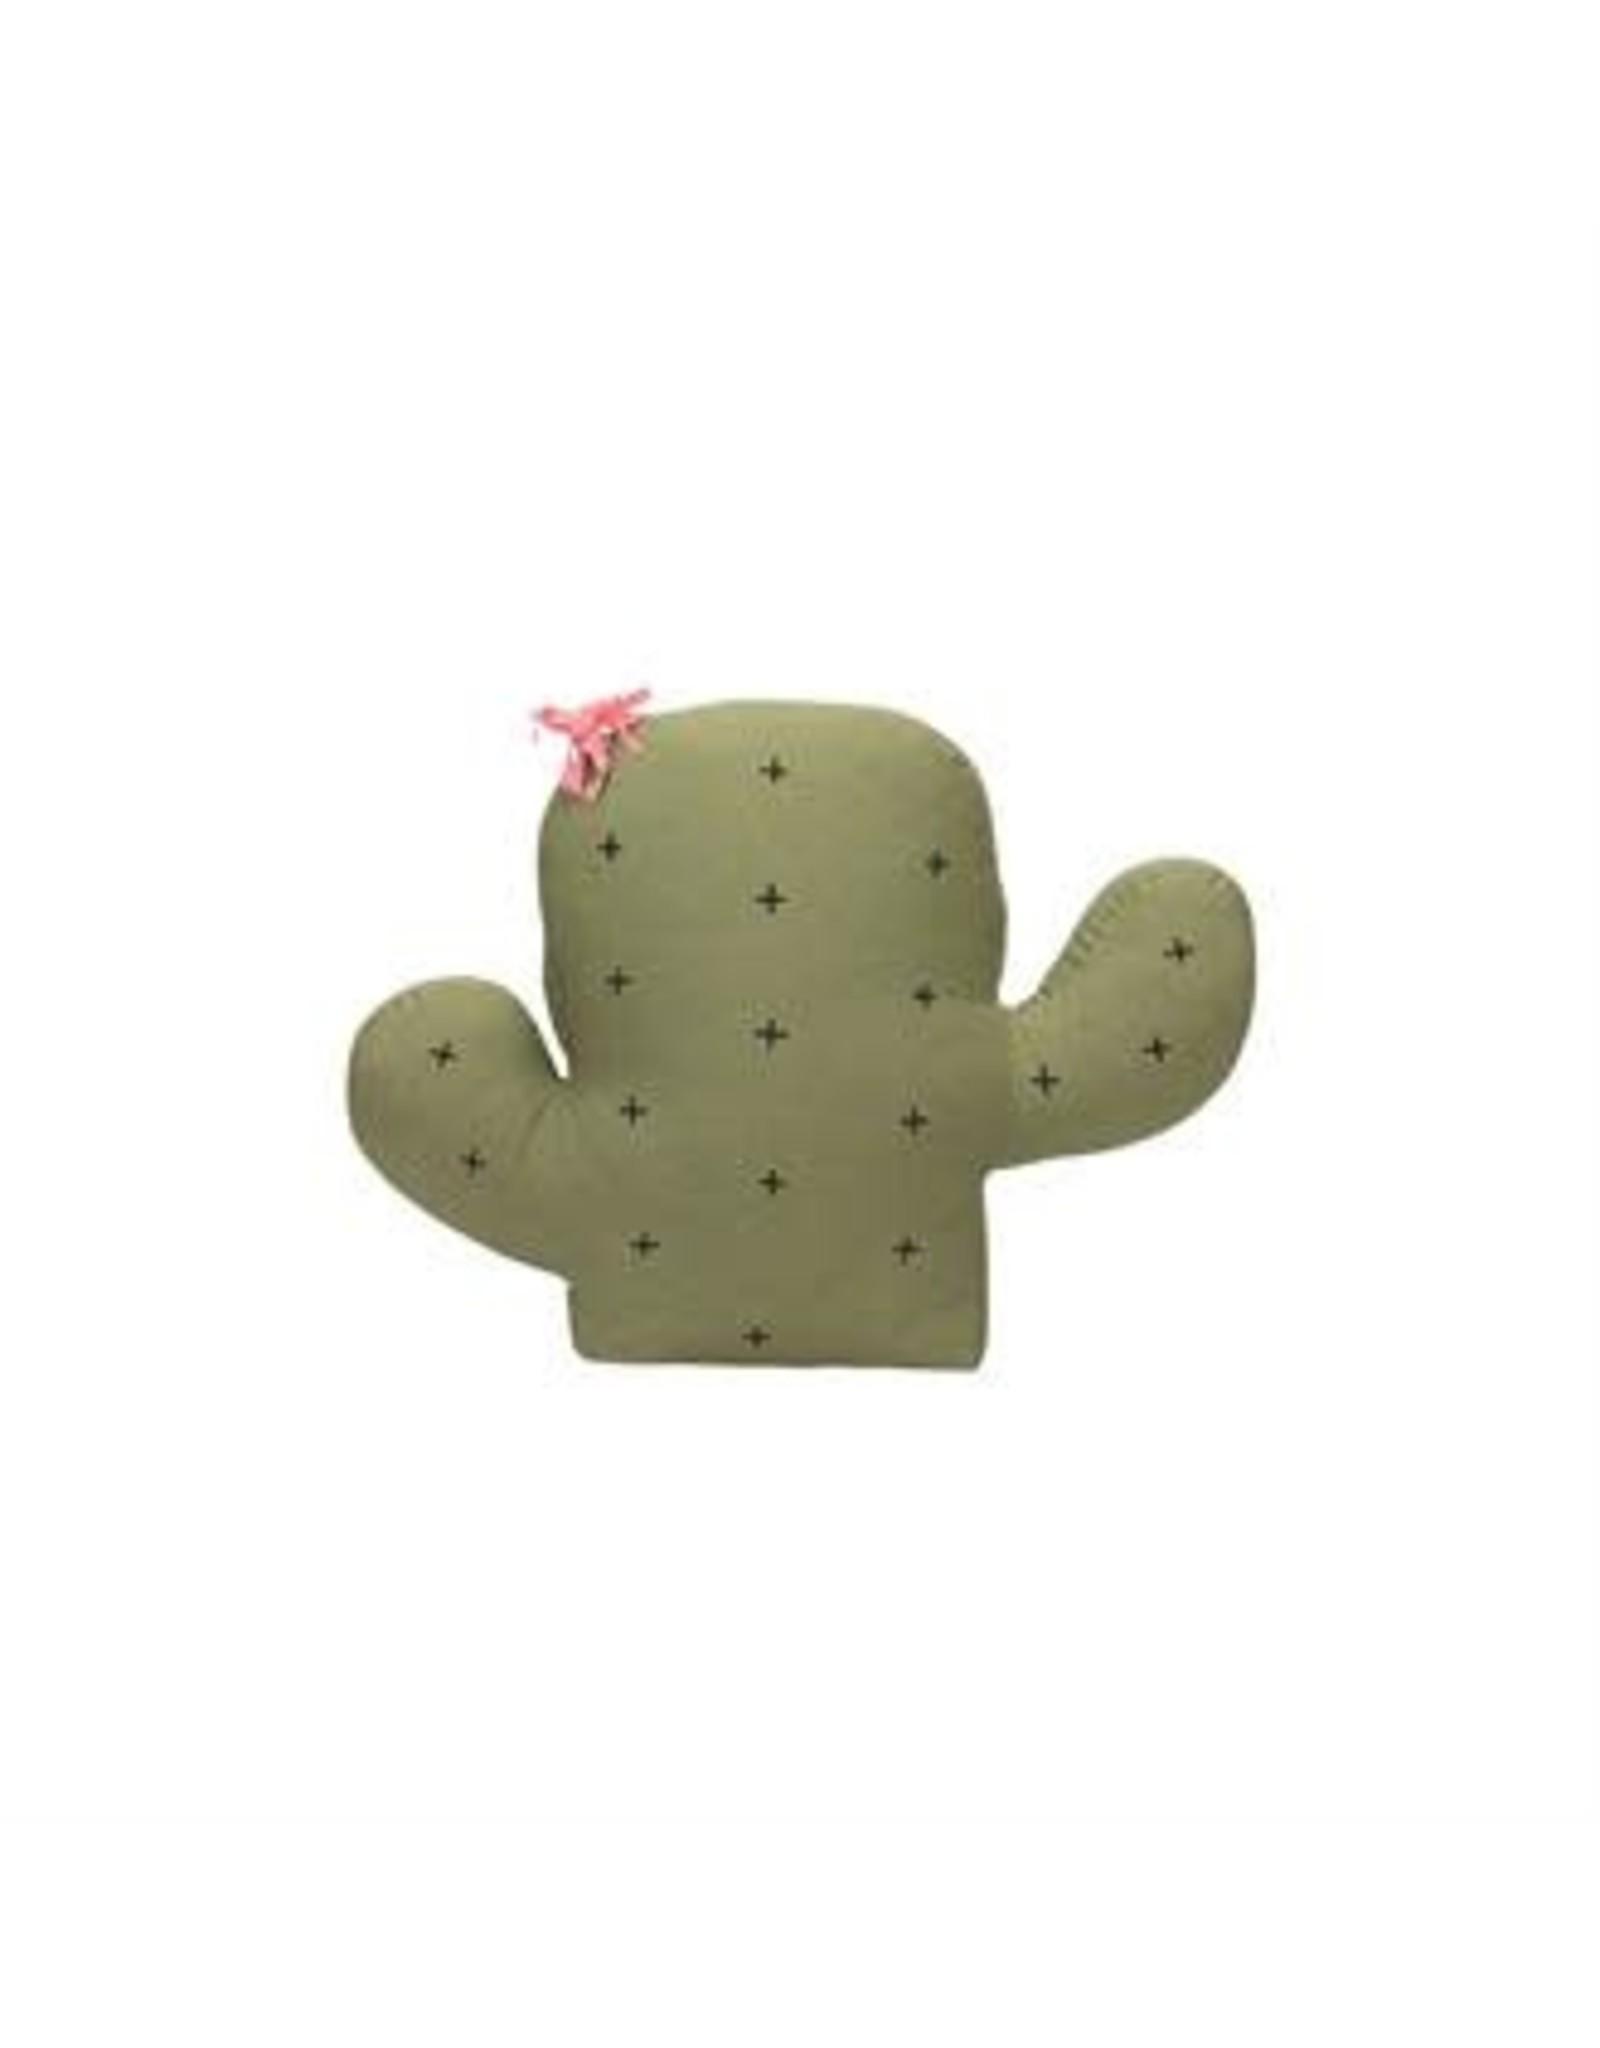 KidsDepot Cactus kussen Kidsdepot